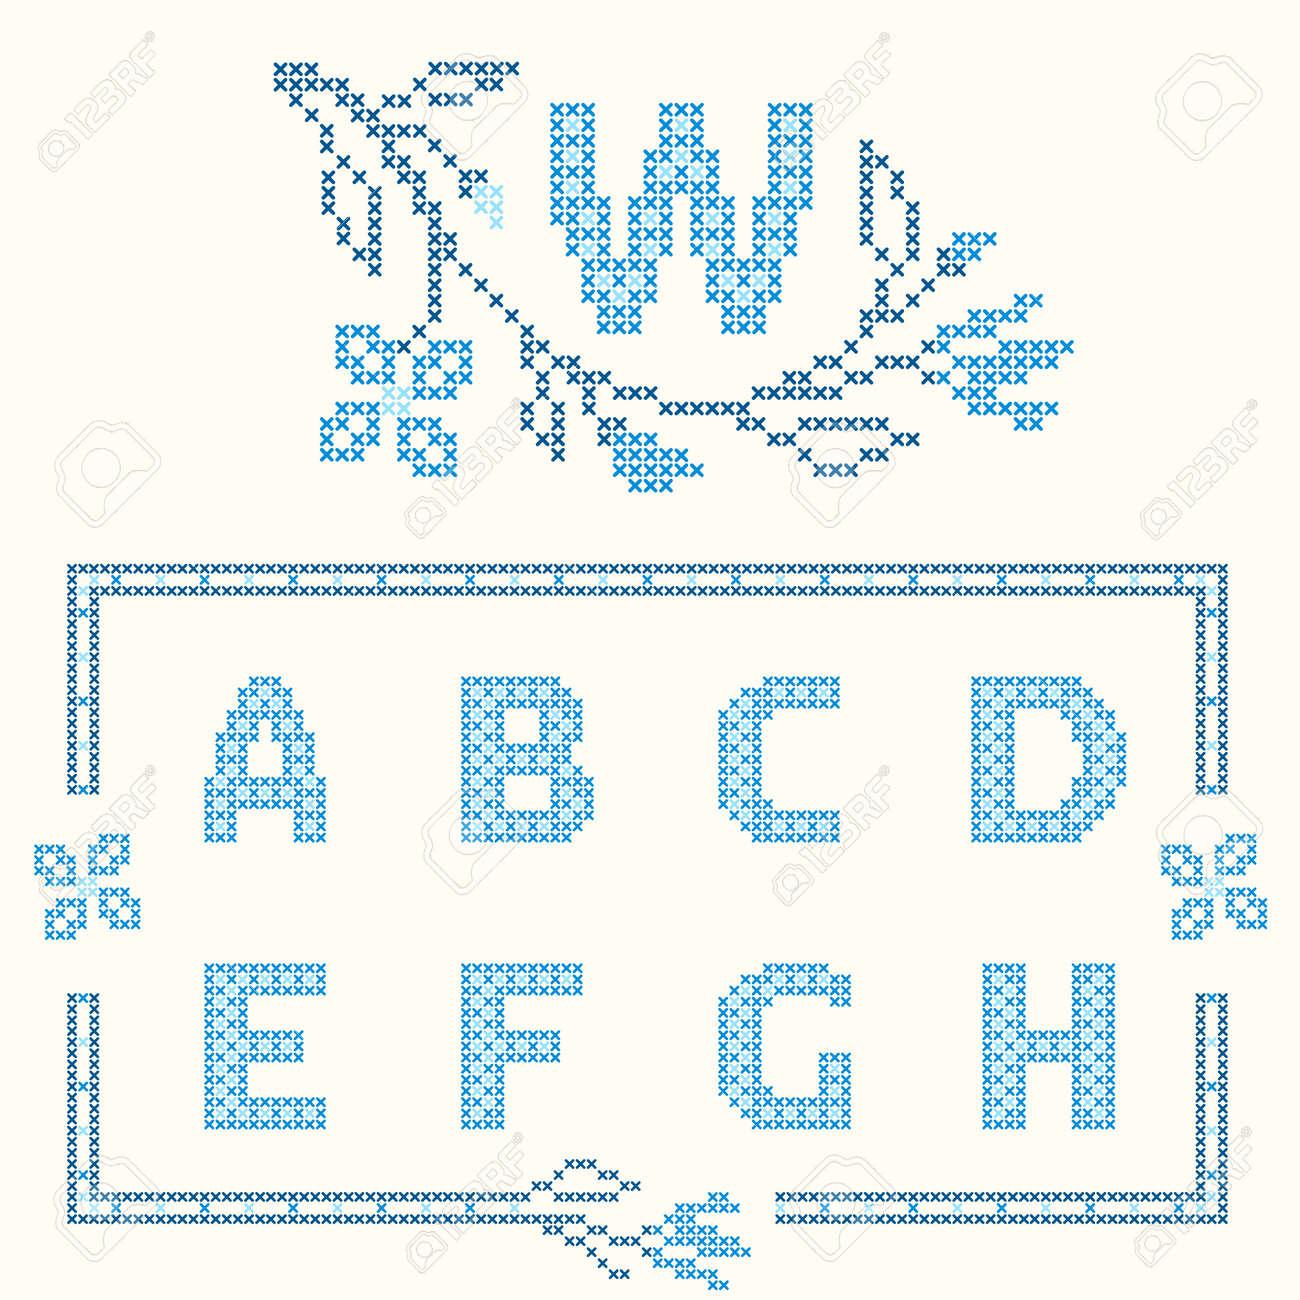 ¯ロス刺繍のデザイン要素です ȉ²ã®é' Ùクトル ¤ラスト Ȋ±ã®æžã¨ 1 Á¤ã®æ–‡å— Ɖ‹ç´™ A H Á®ã'¤ãƒ©ã'¹ãƒˆç´æ Ùクタ Image 23206061